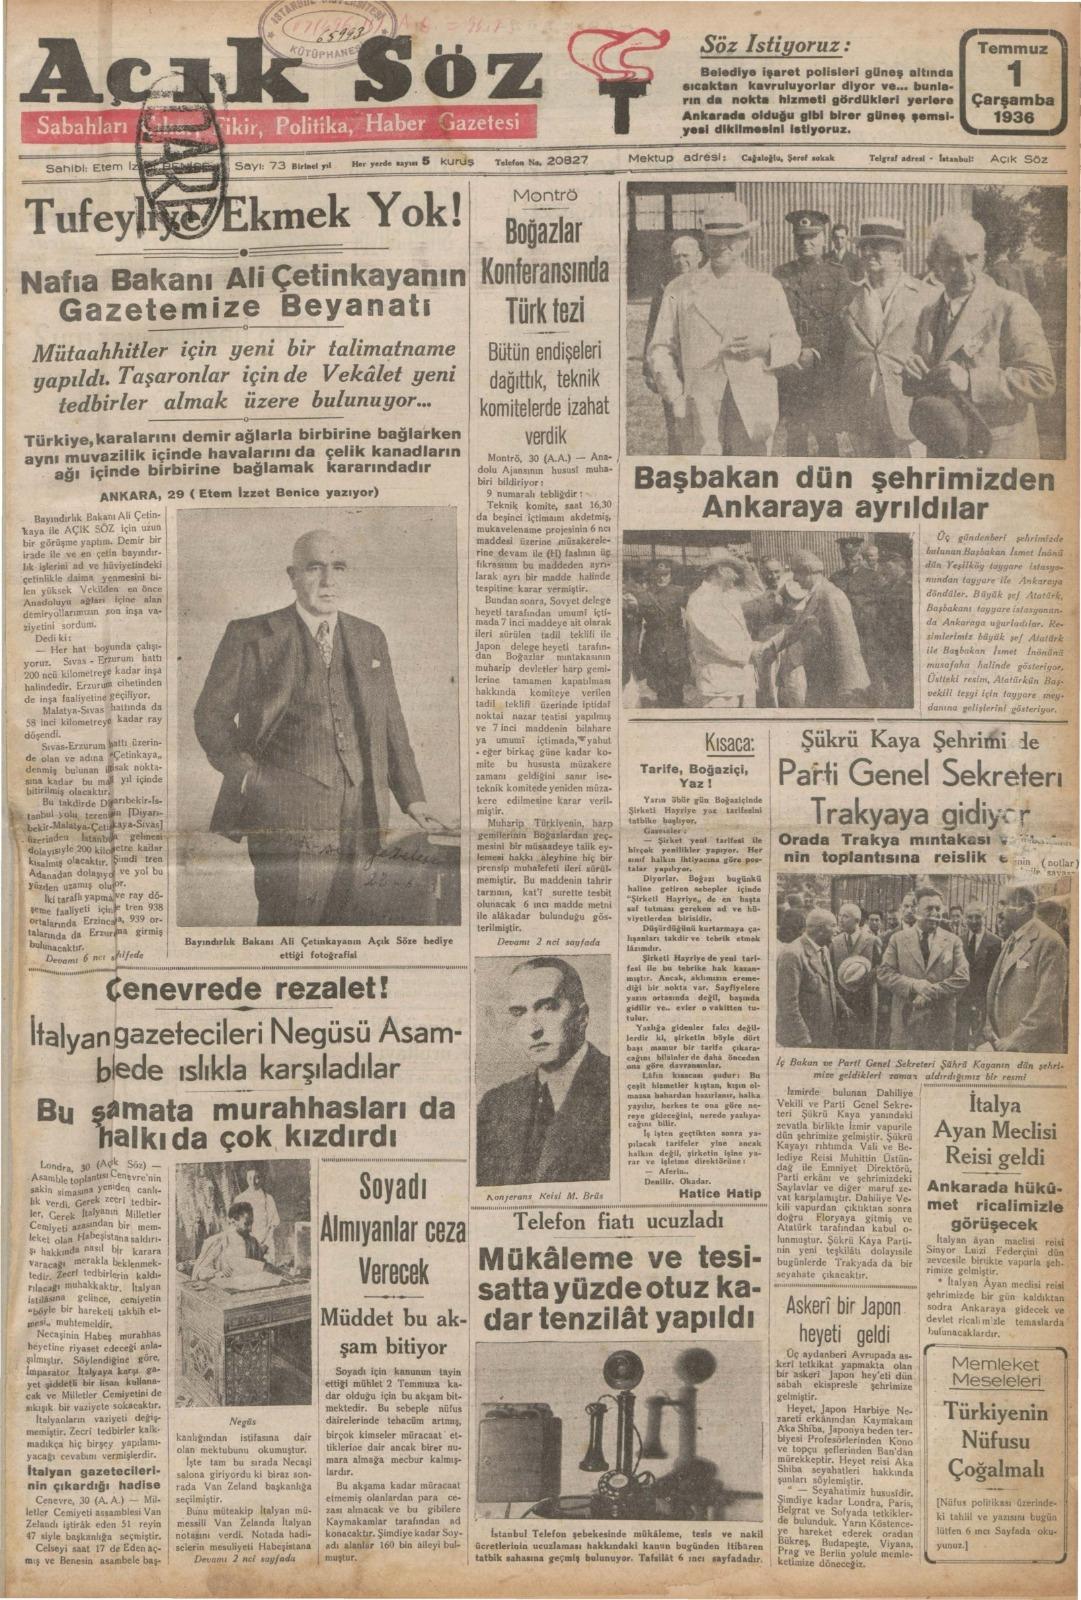 Tarihe ışık tutan arşiv: 1928-1942 yıllarından 18422 cilt gazete paylaşıma açıldı   Atlas   Gündem